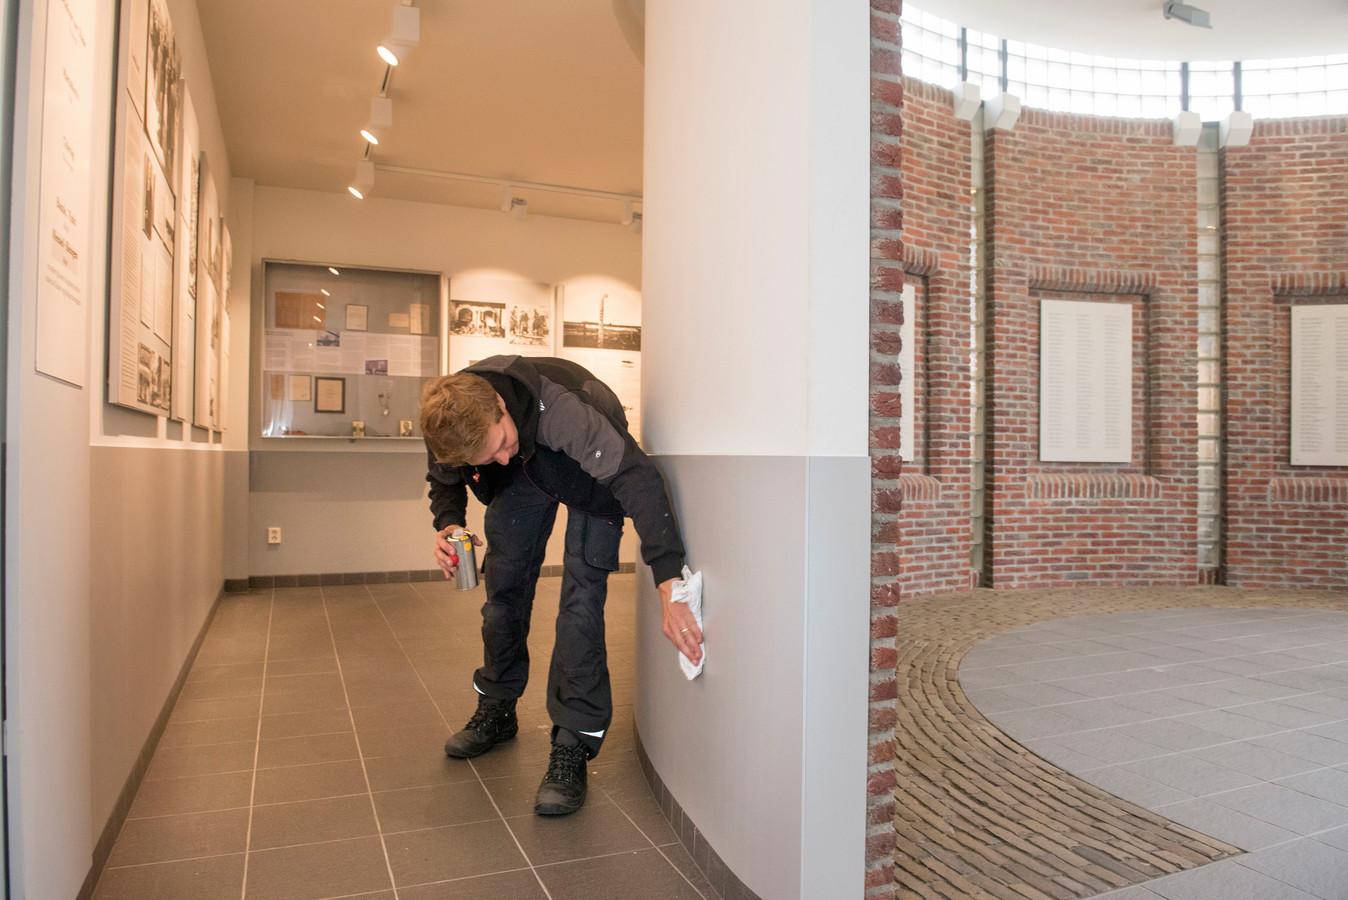 De Gedachtenisruimte aan de Dorpsstraat in Putten  wordt opgeknapt, in voorbereiding op de 75e herdenking van de razzia en de komst van prinses Beatrix.